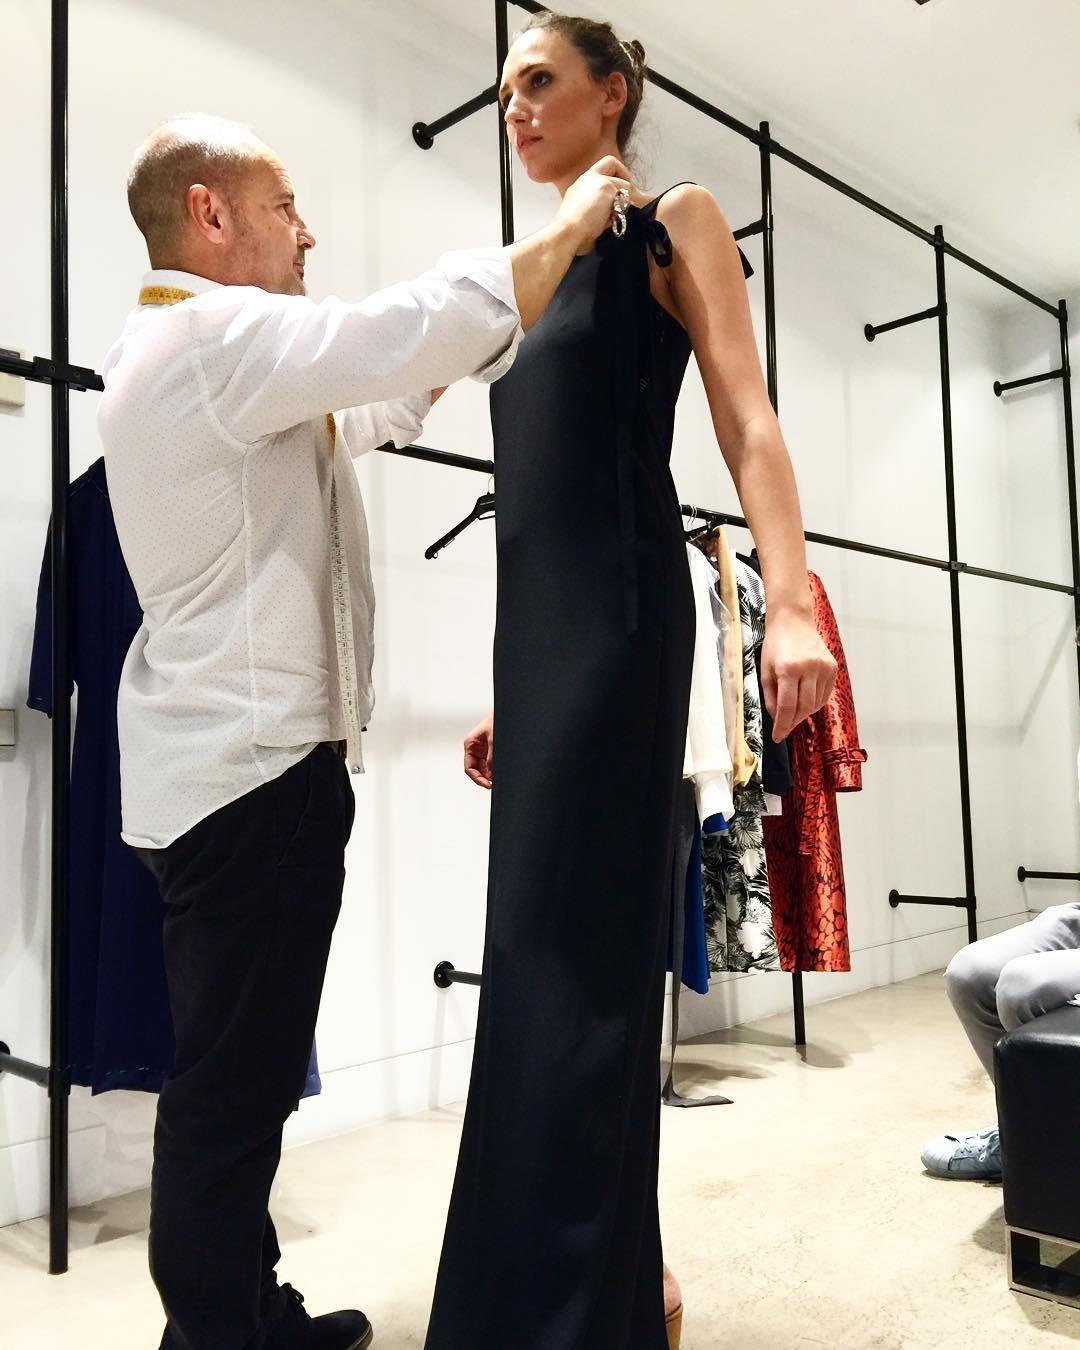 Fitting time. Ya sé qué le voy a regalar a Joaquín para su cumple... Una escalerilla  CC @aschlesser #fitting #aschlesser #fashion #atelier #pruebasderopa #probando #newcollection by maytedlaiglesia